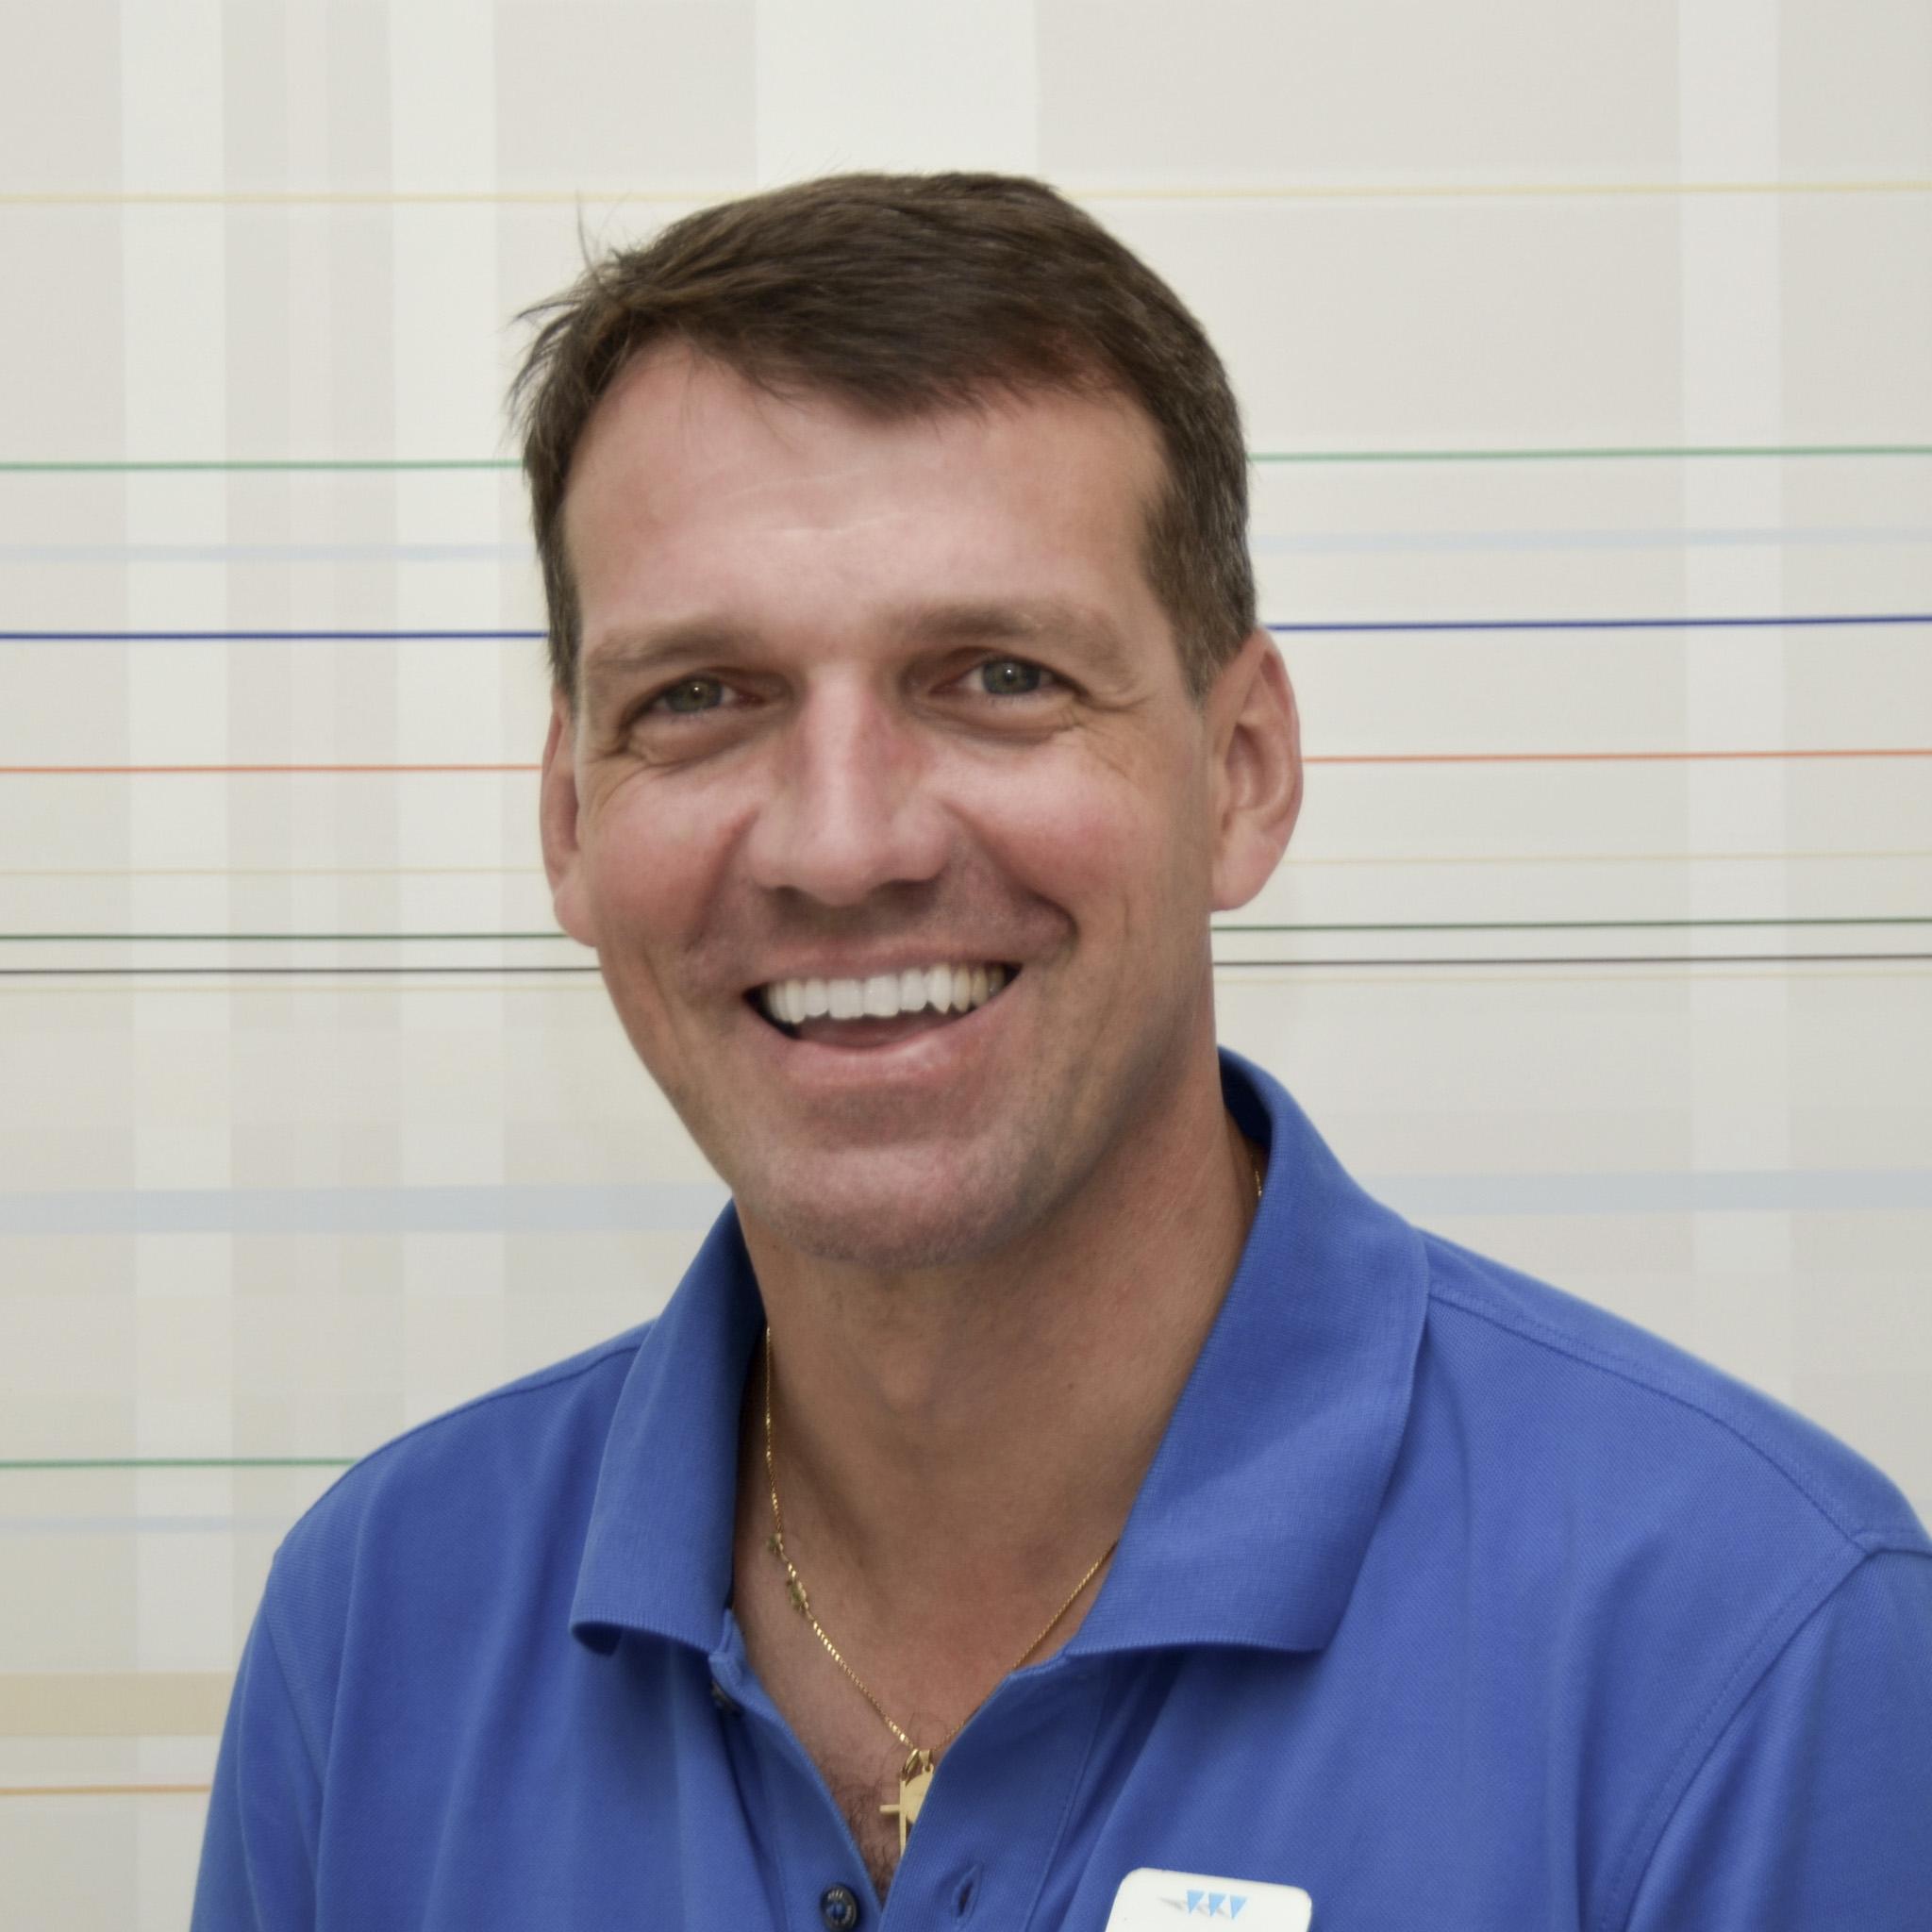 Dr. Philipp Meier